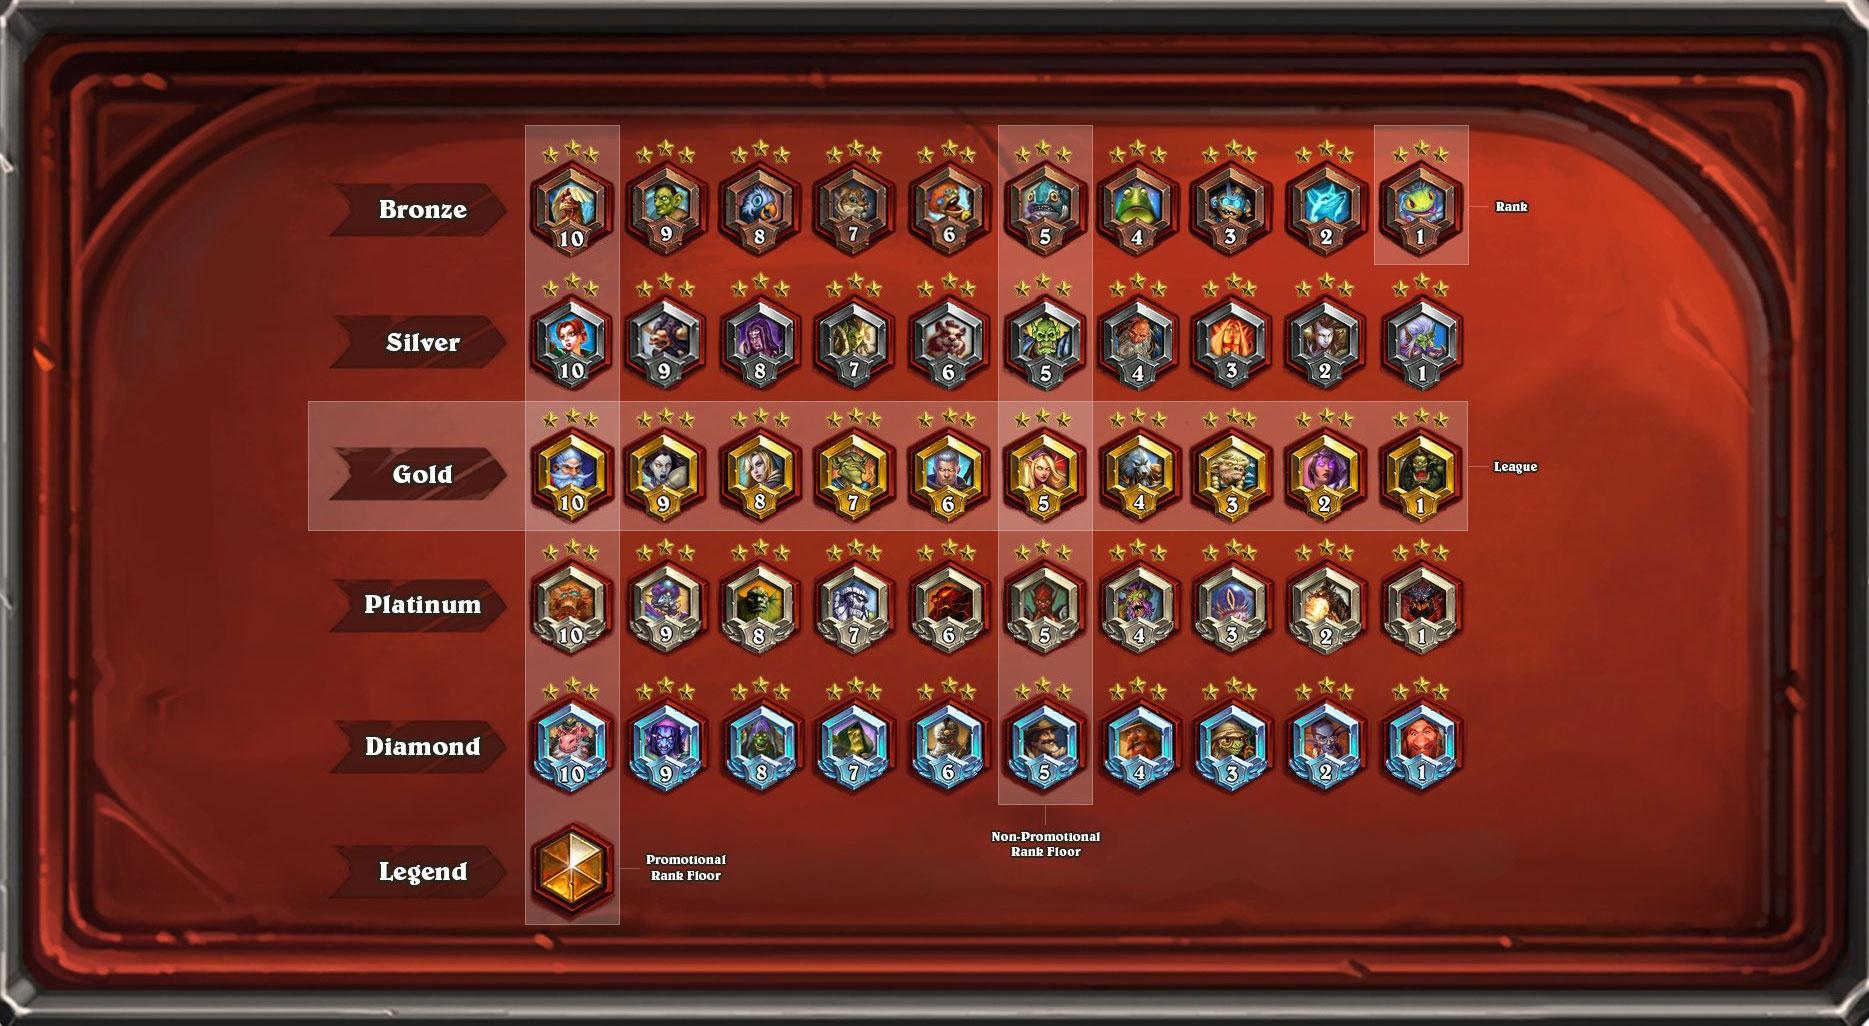 Novos rankings vão do Bronze a Lenda (Imagem: Blizzard/Reprodução)